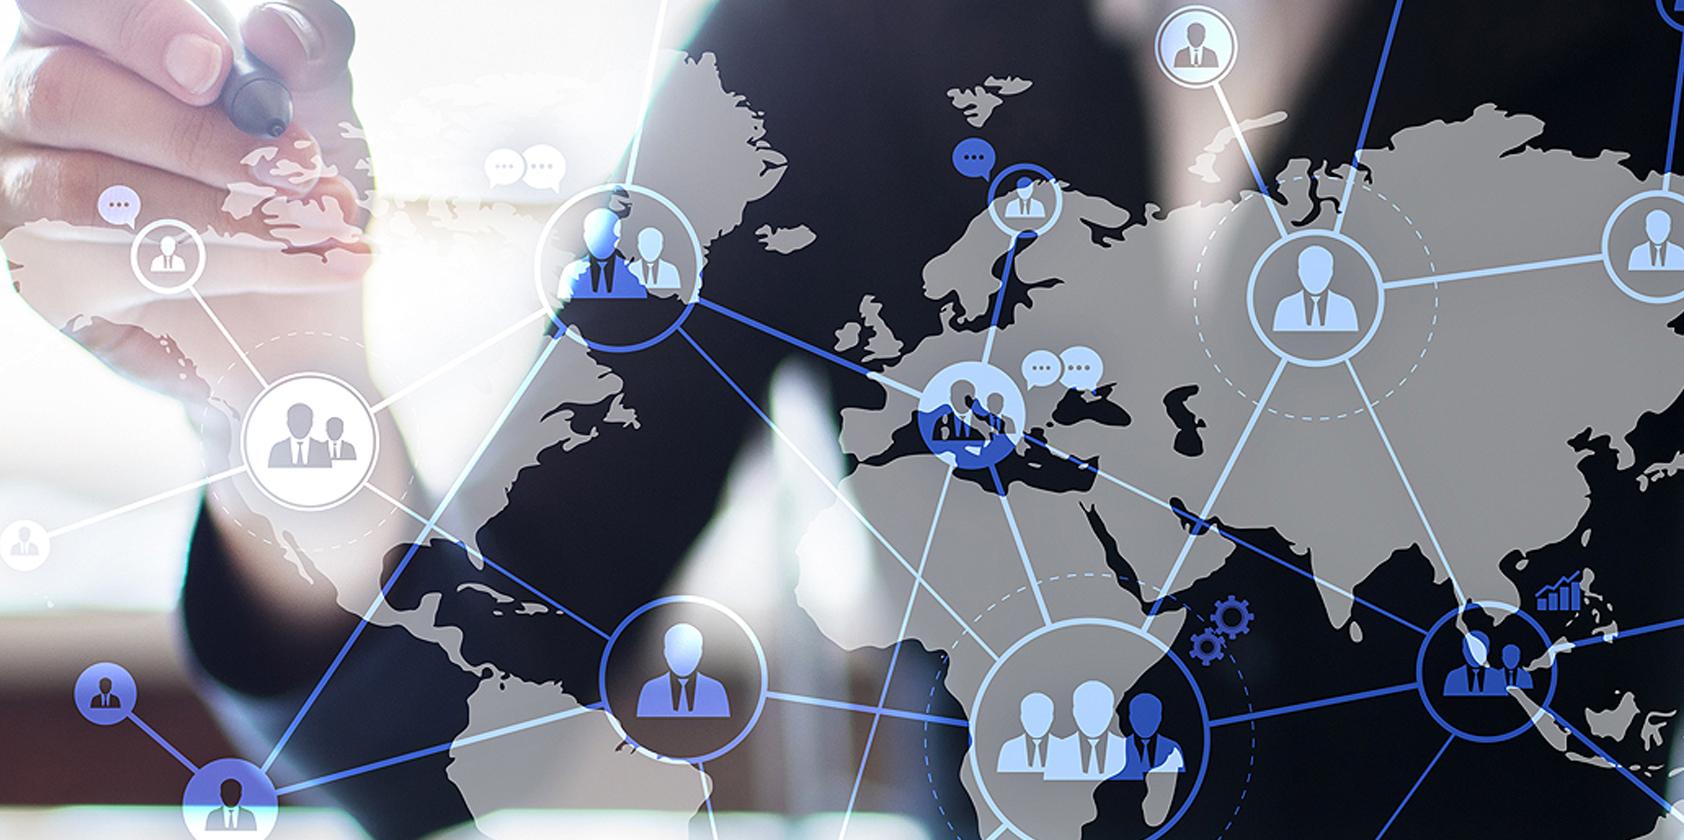 IT Talent Acquisition & Deployment